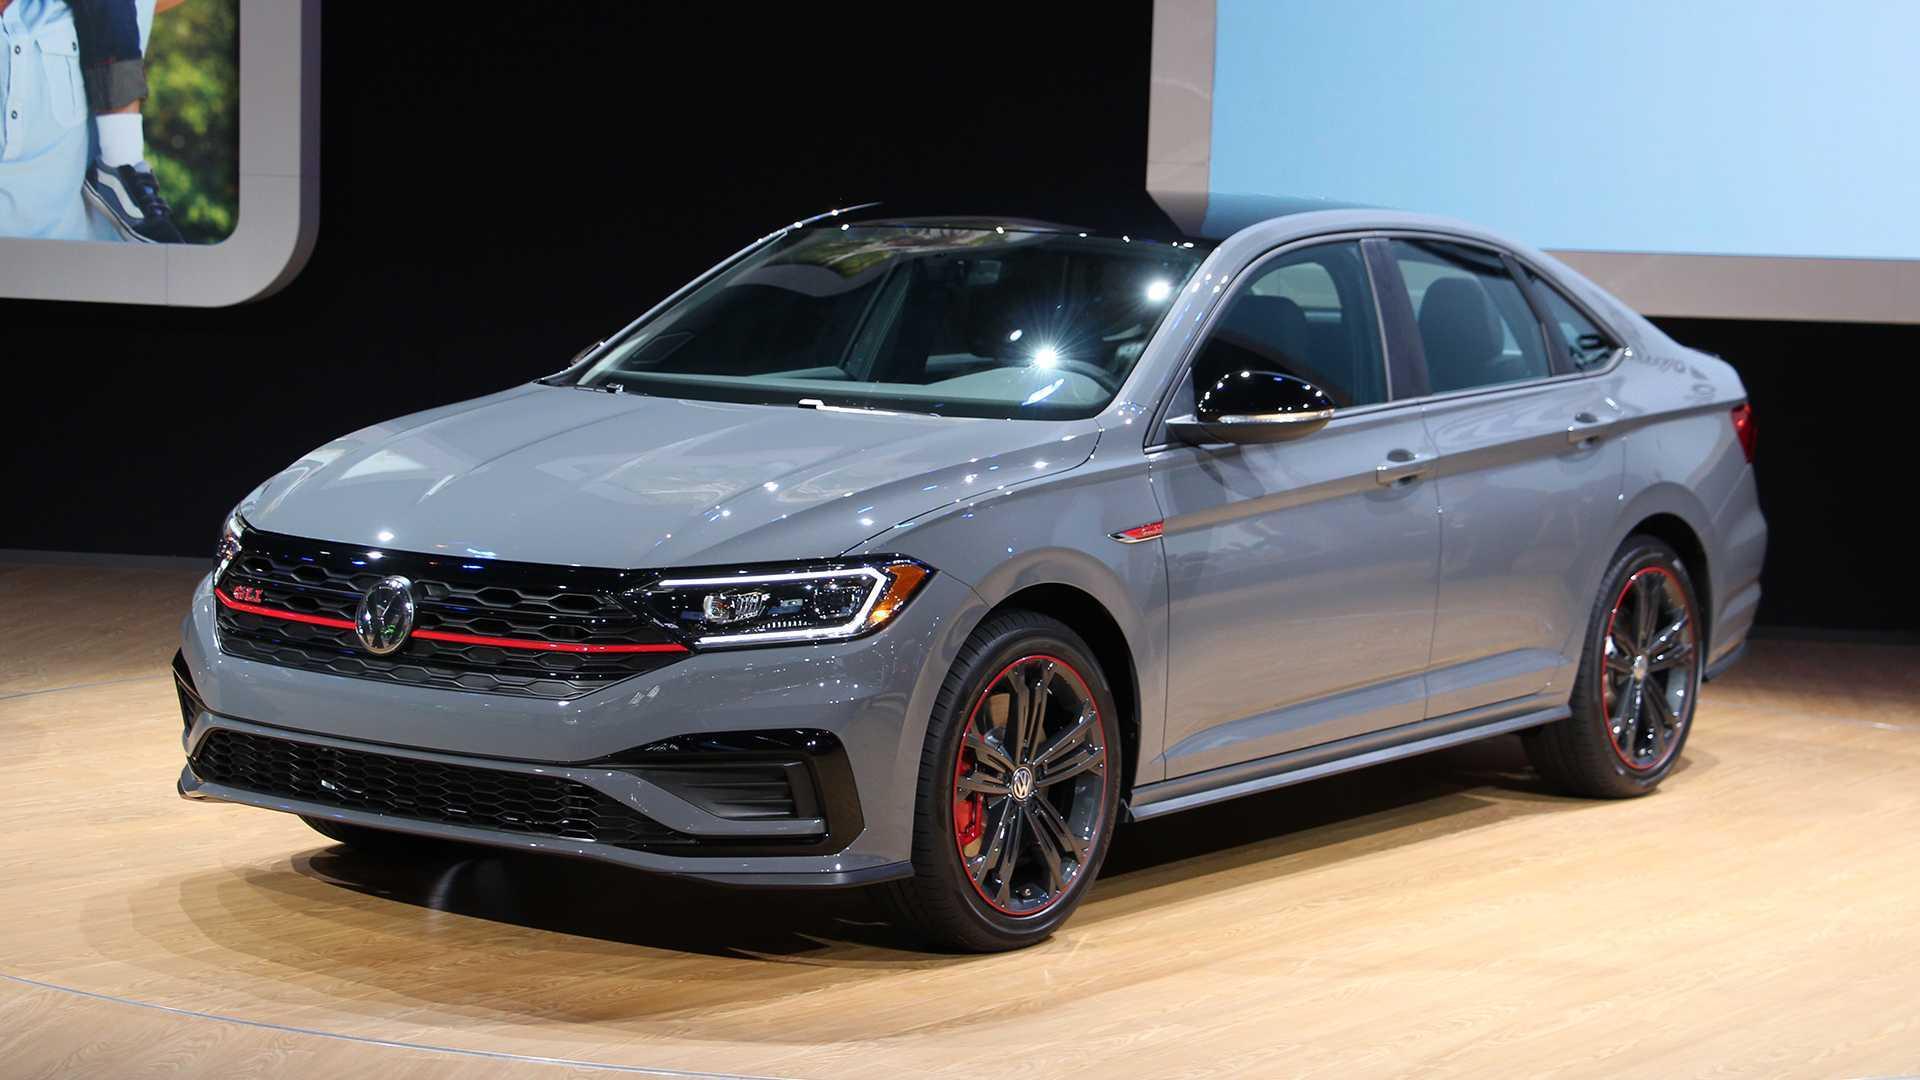 2020 Volkswagen Jetta Review, Pricing, & Specs